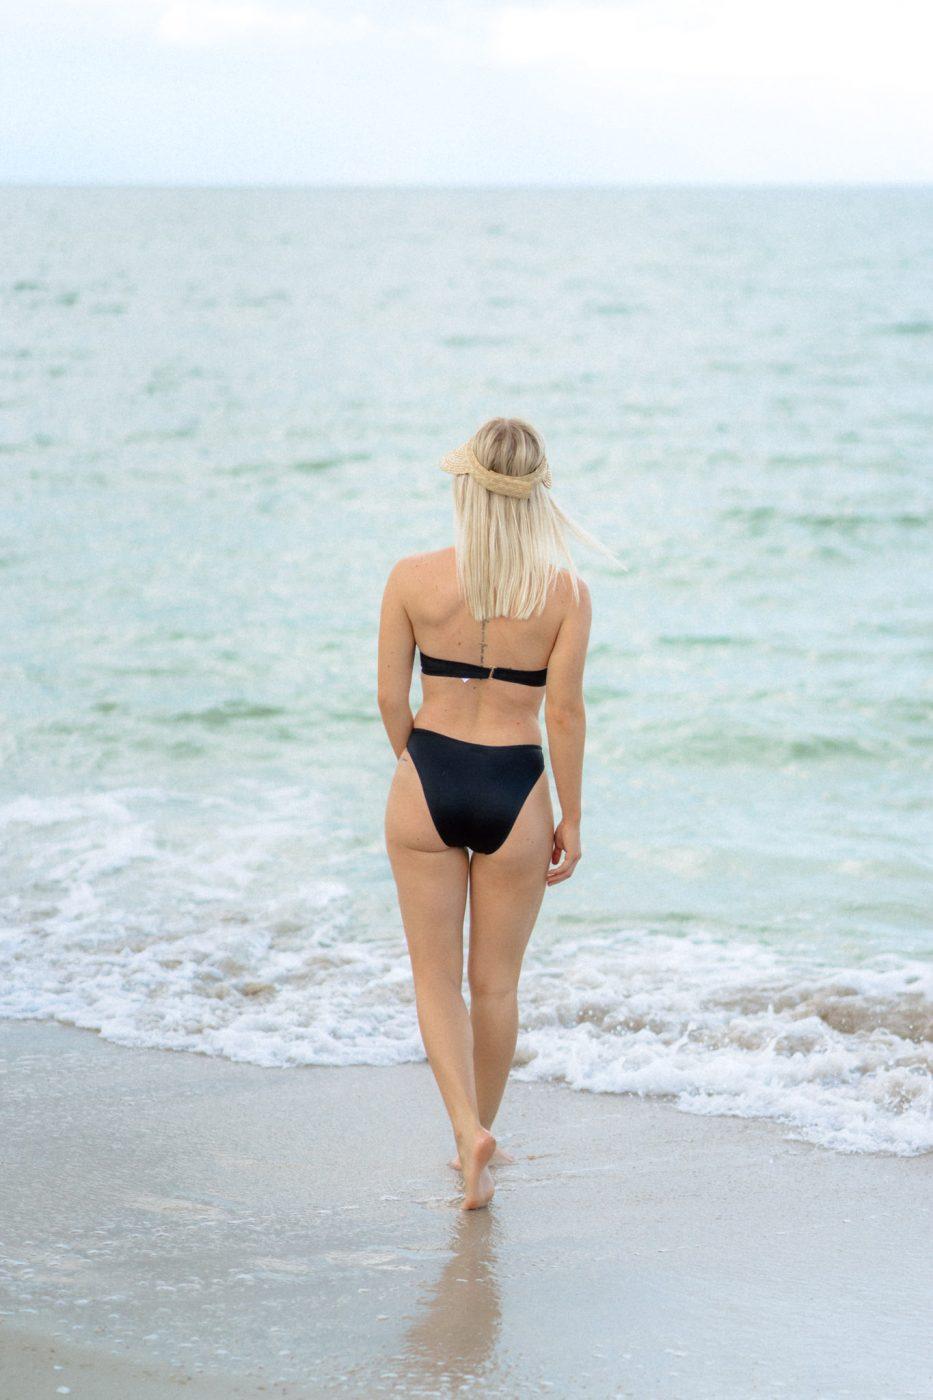 Jenny wearing Upbra push up swimsuit in black